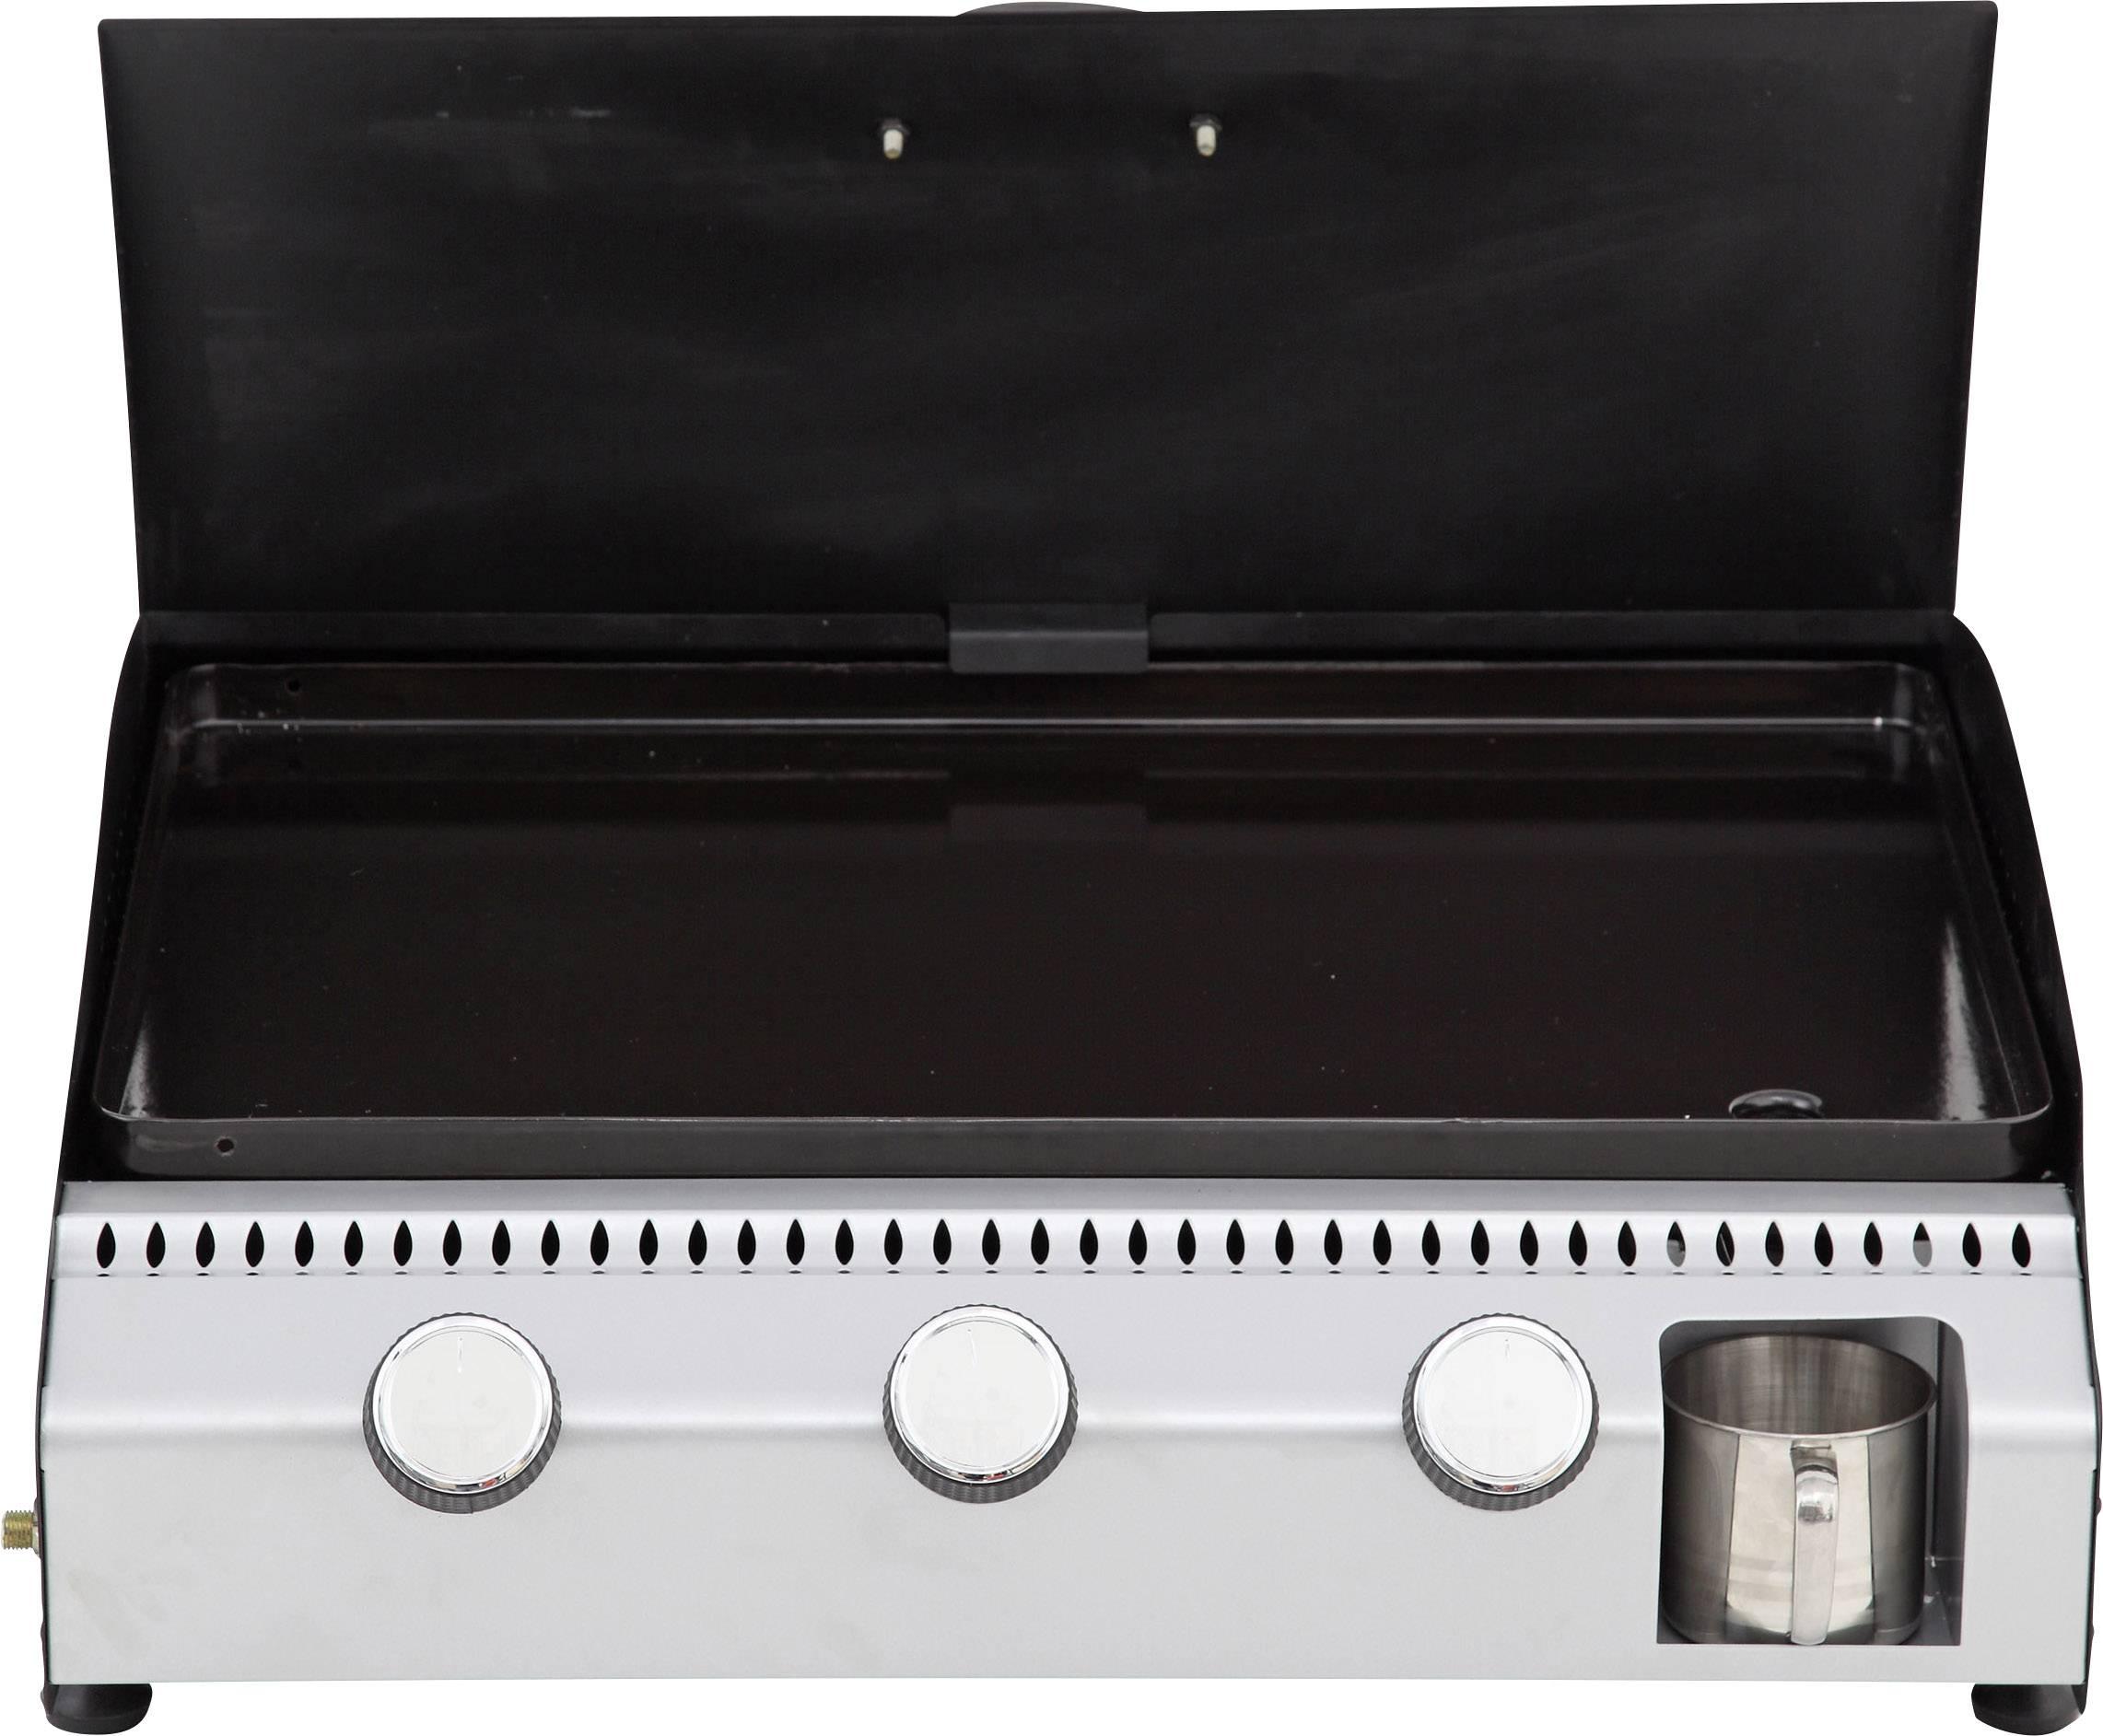 Tisch Holzkohlegrill Für Innen : Severin elektro tisch grill in nord hamburg winterhude ebay